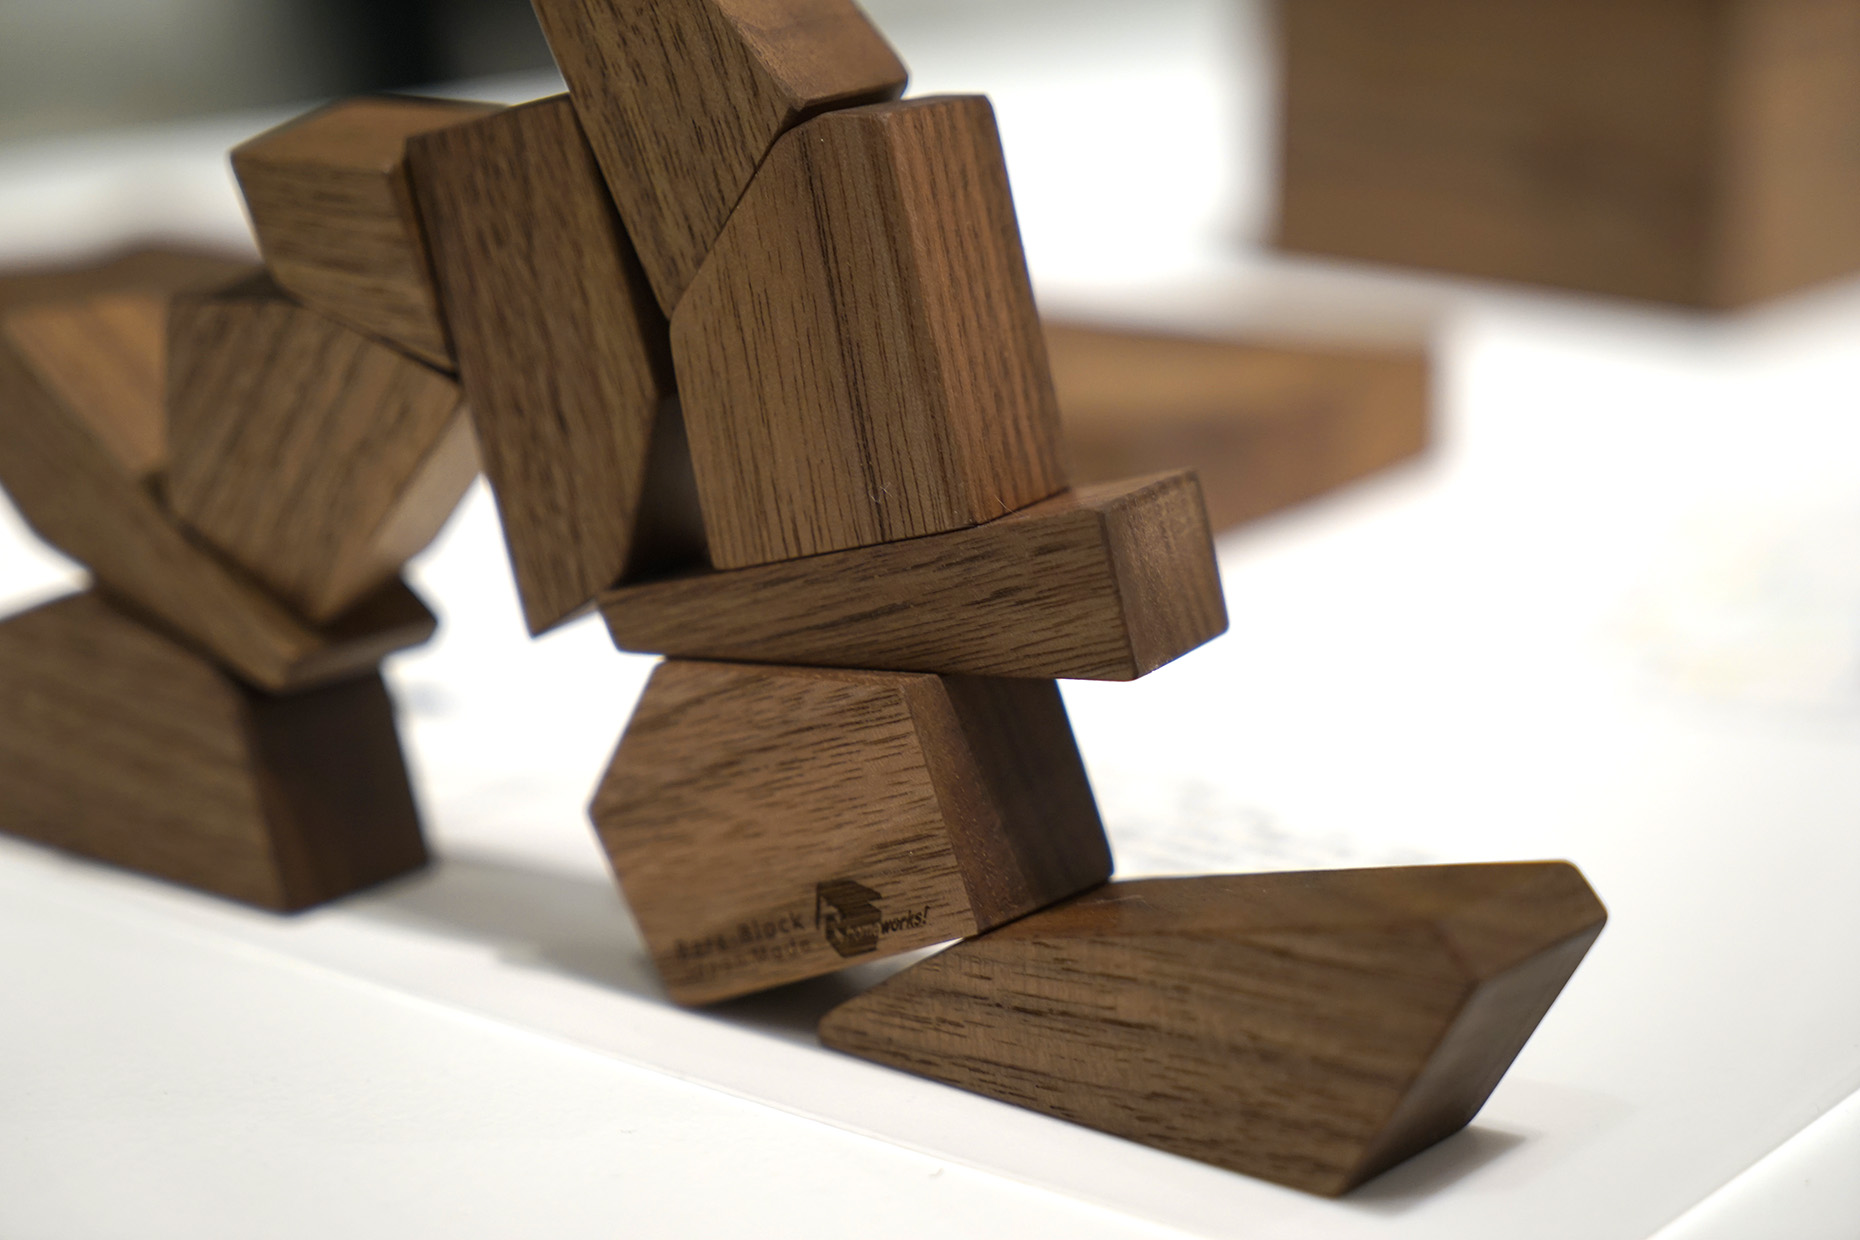 ものづくりデザイン専攻研究発表展 第6回「湧水地点」